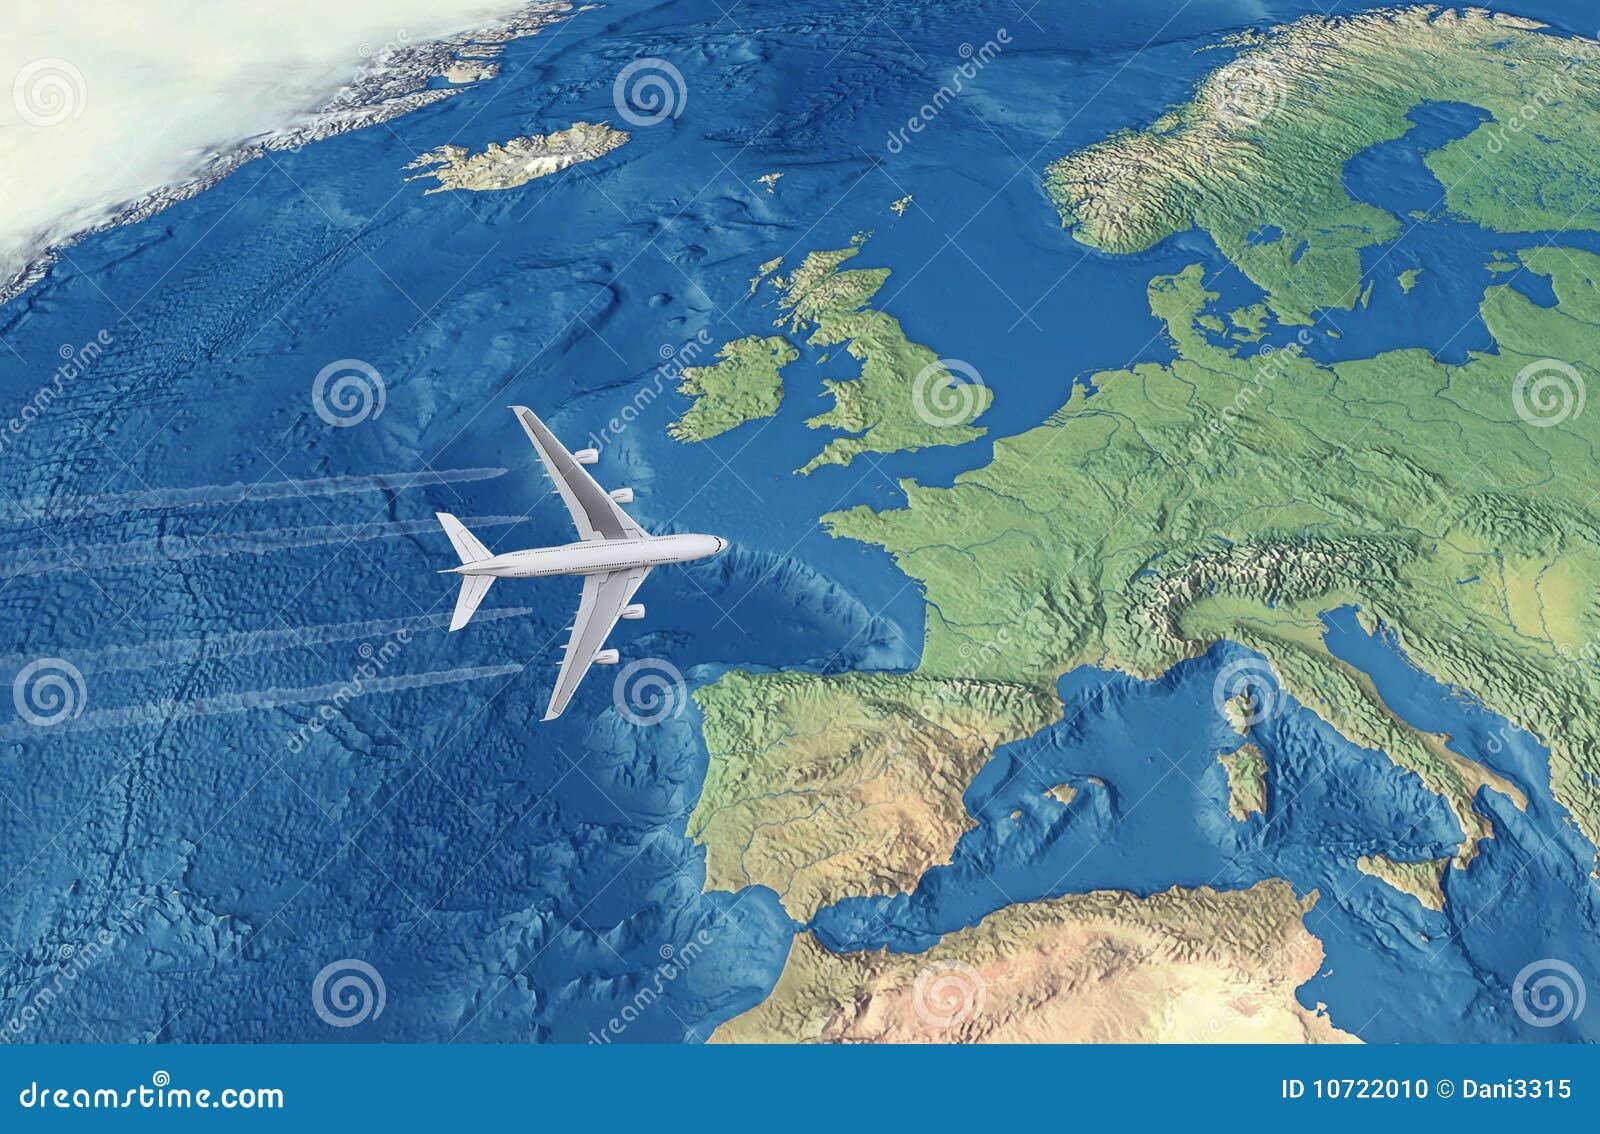 Afbeeldingsresultaat voor afbeelding vliegtuig over atlantische oceaan